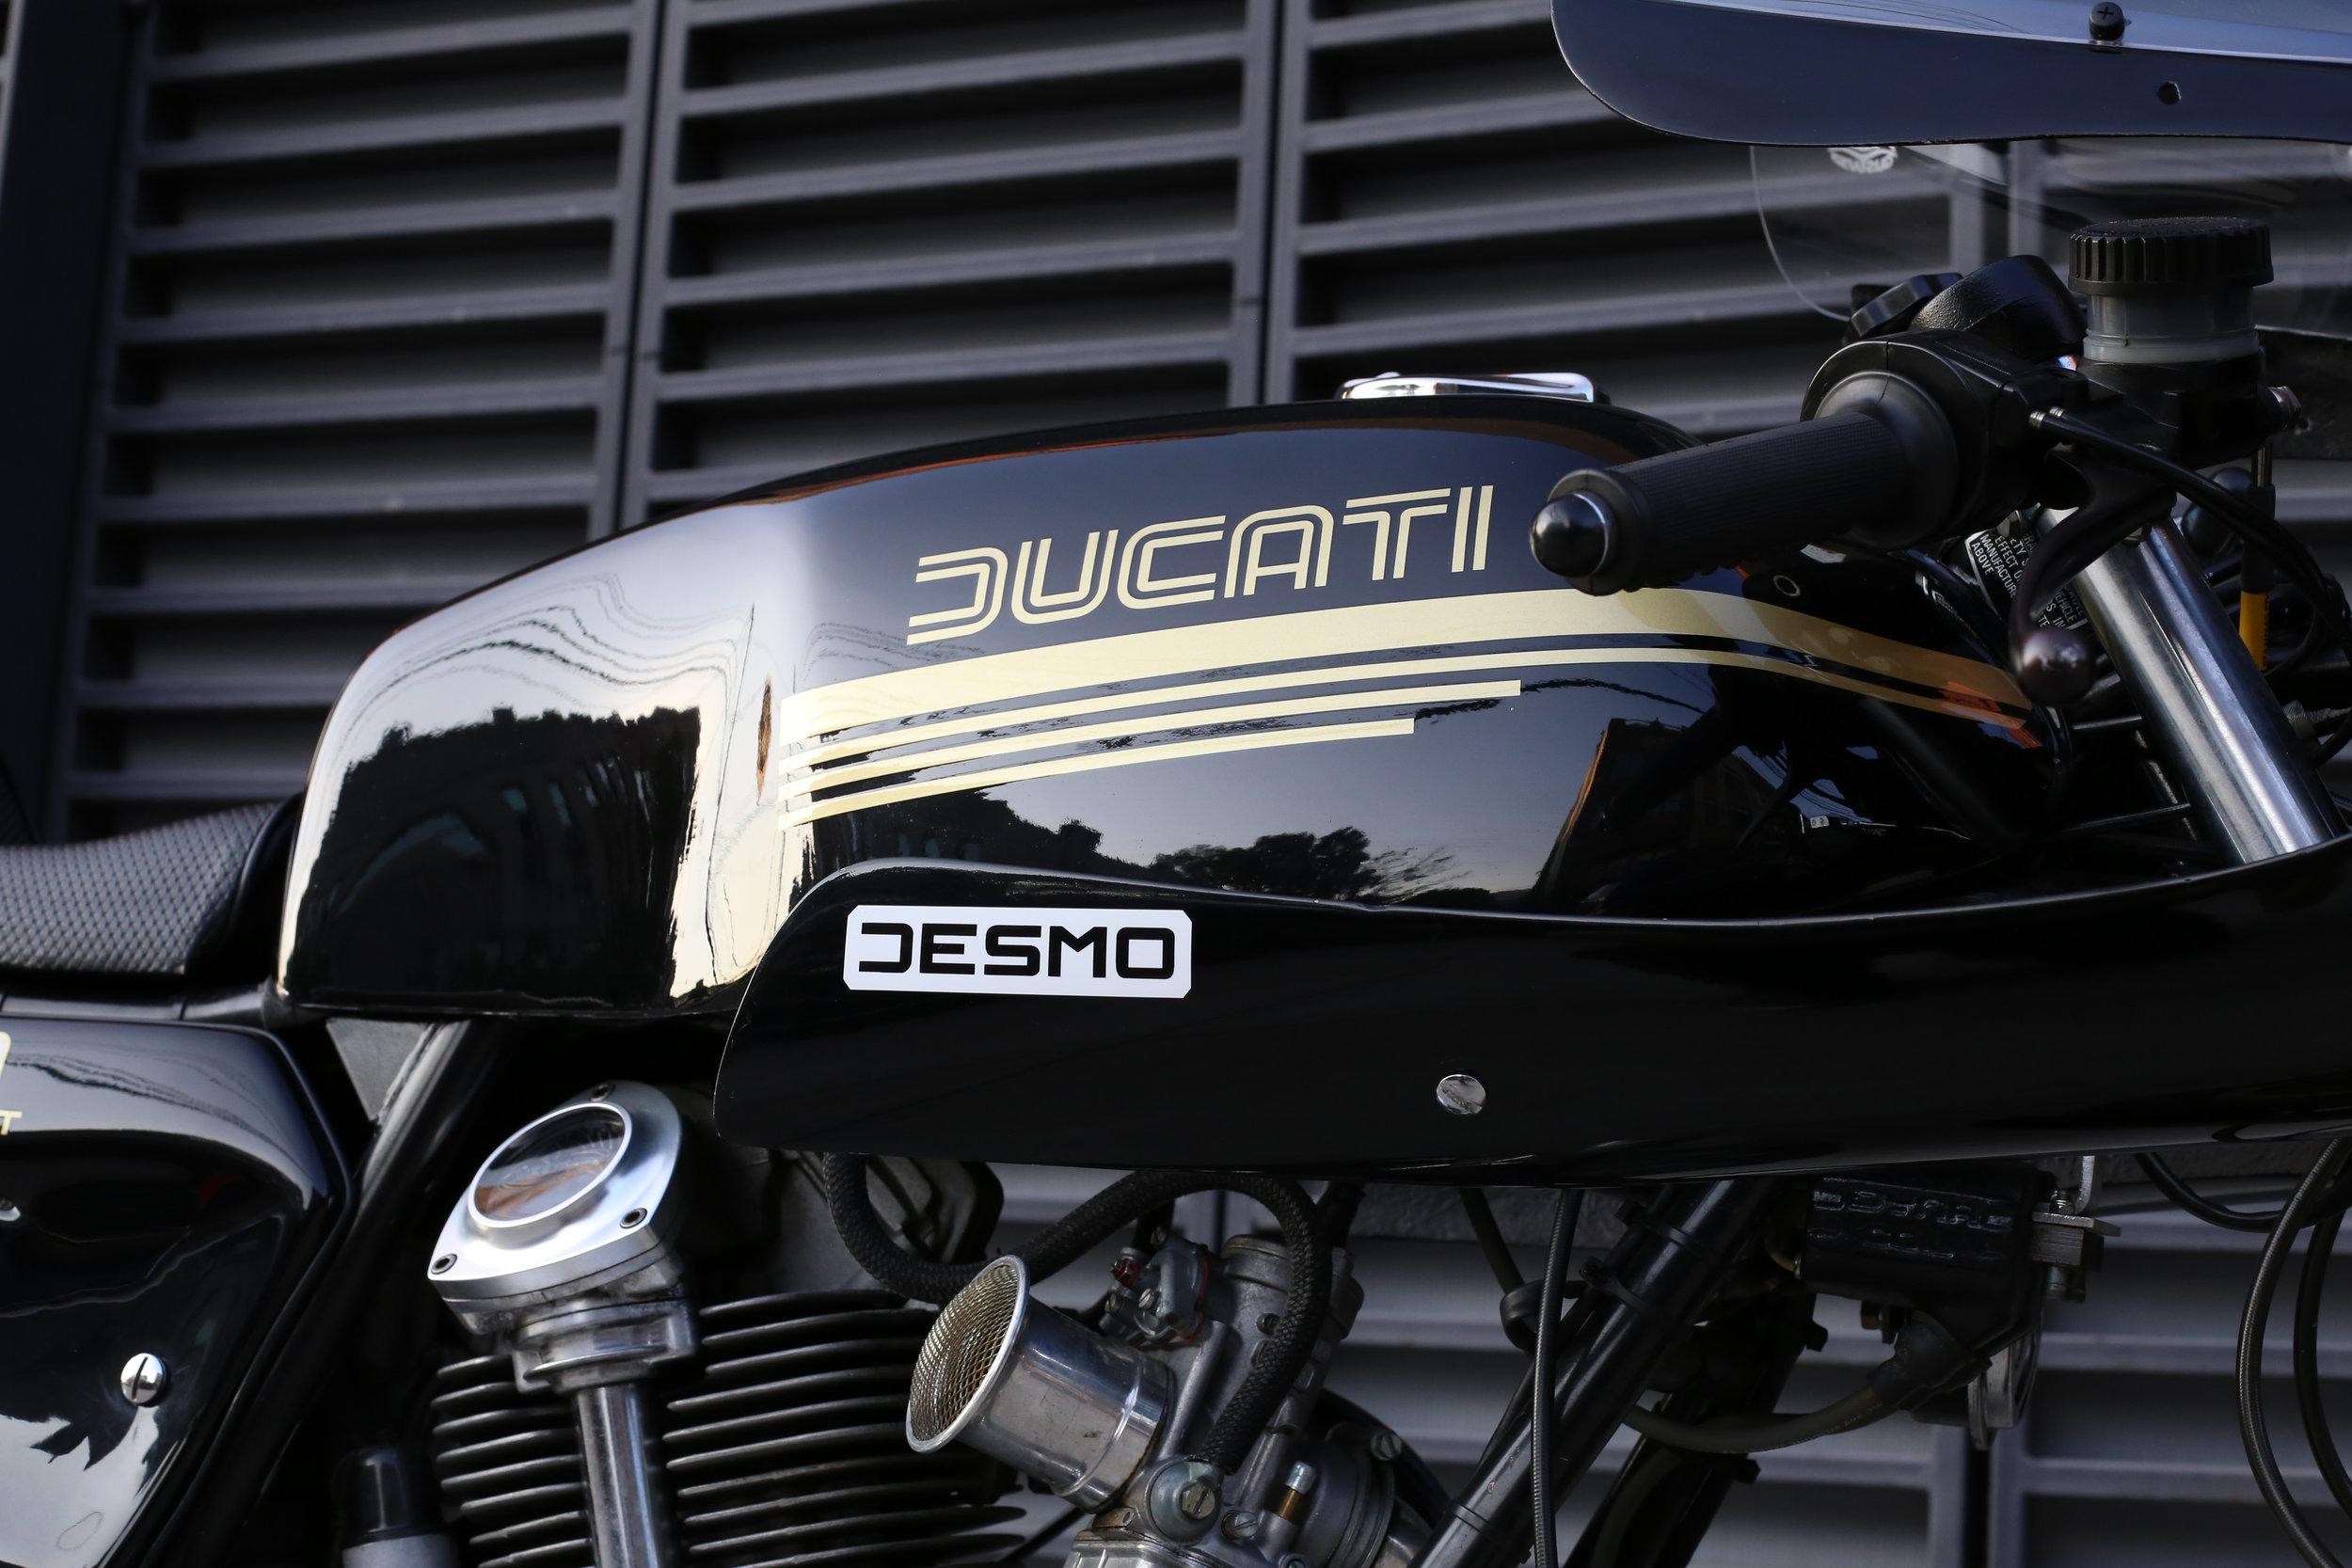 1980 Ducati 900SS Tank